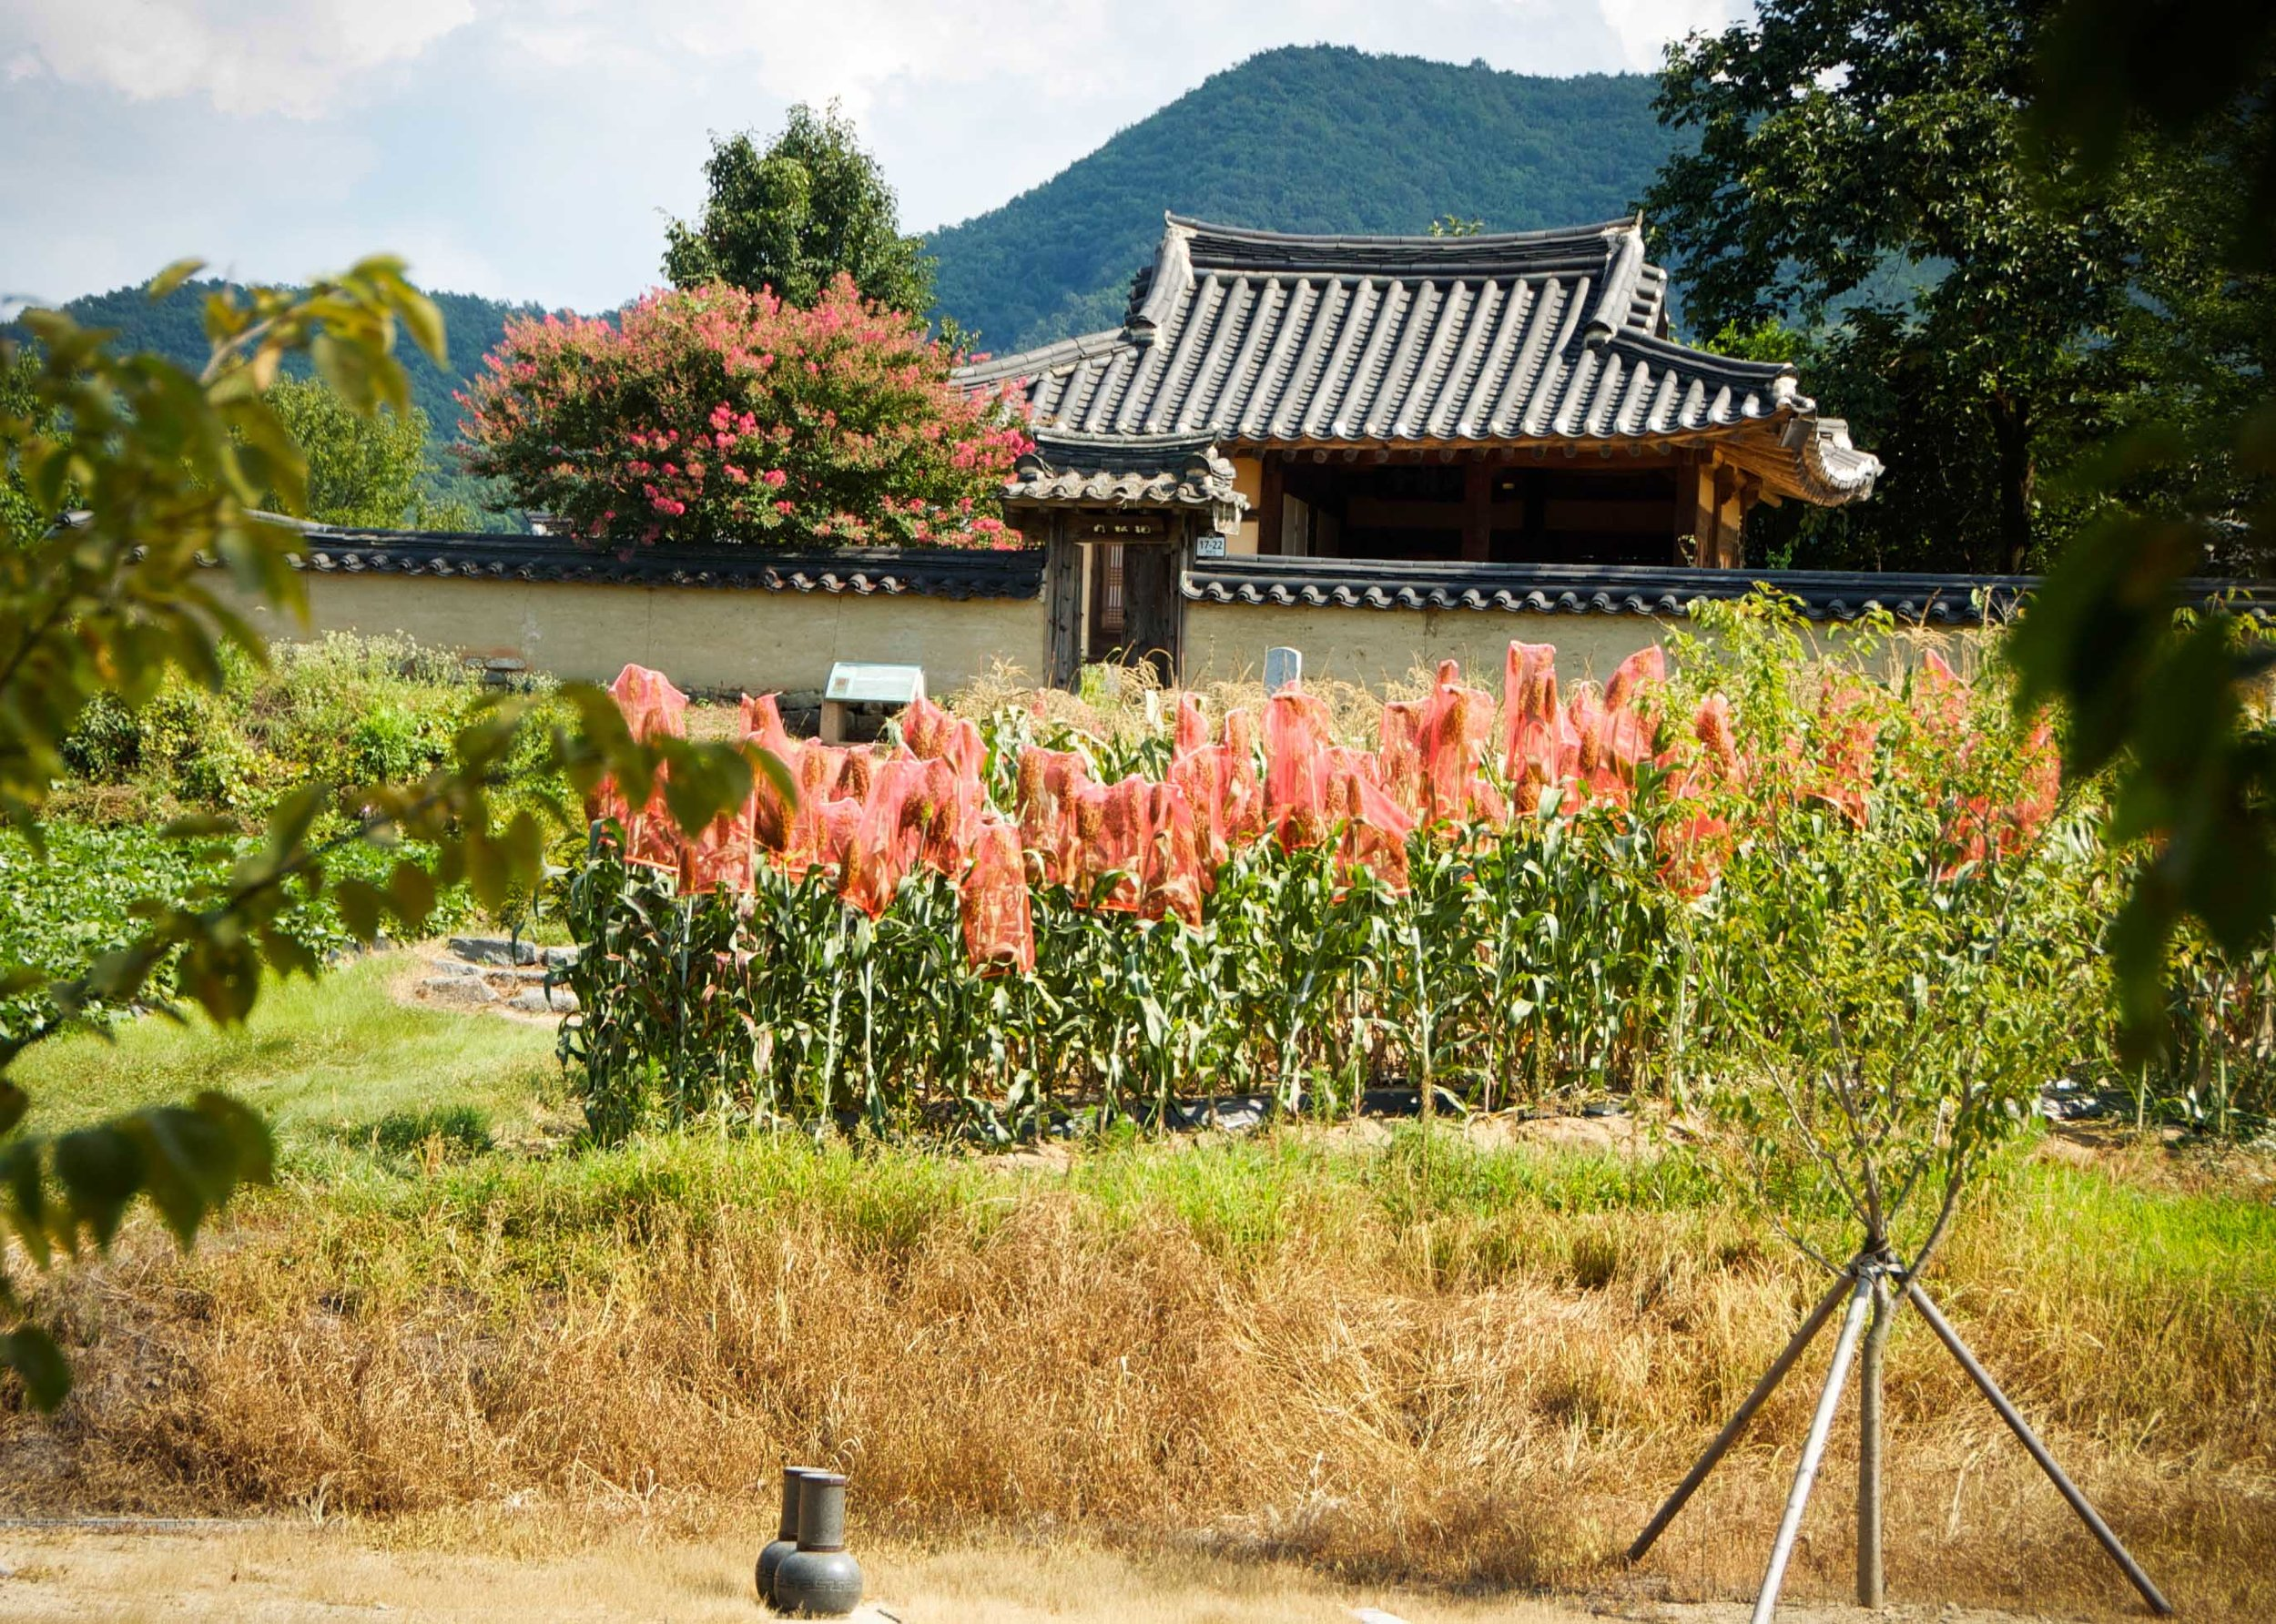 Hahoe Village, a UNESCO site, South Korea